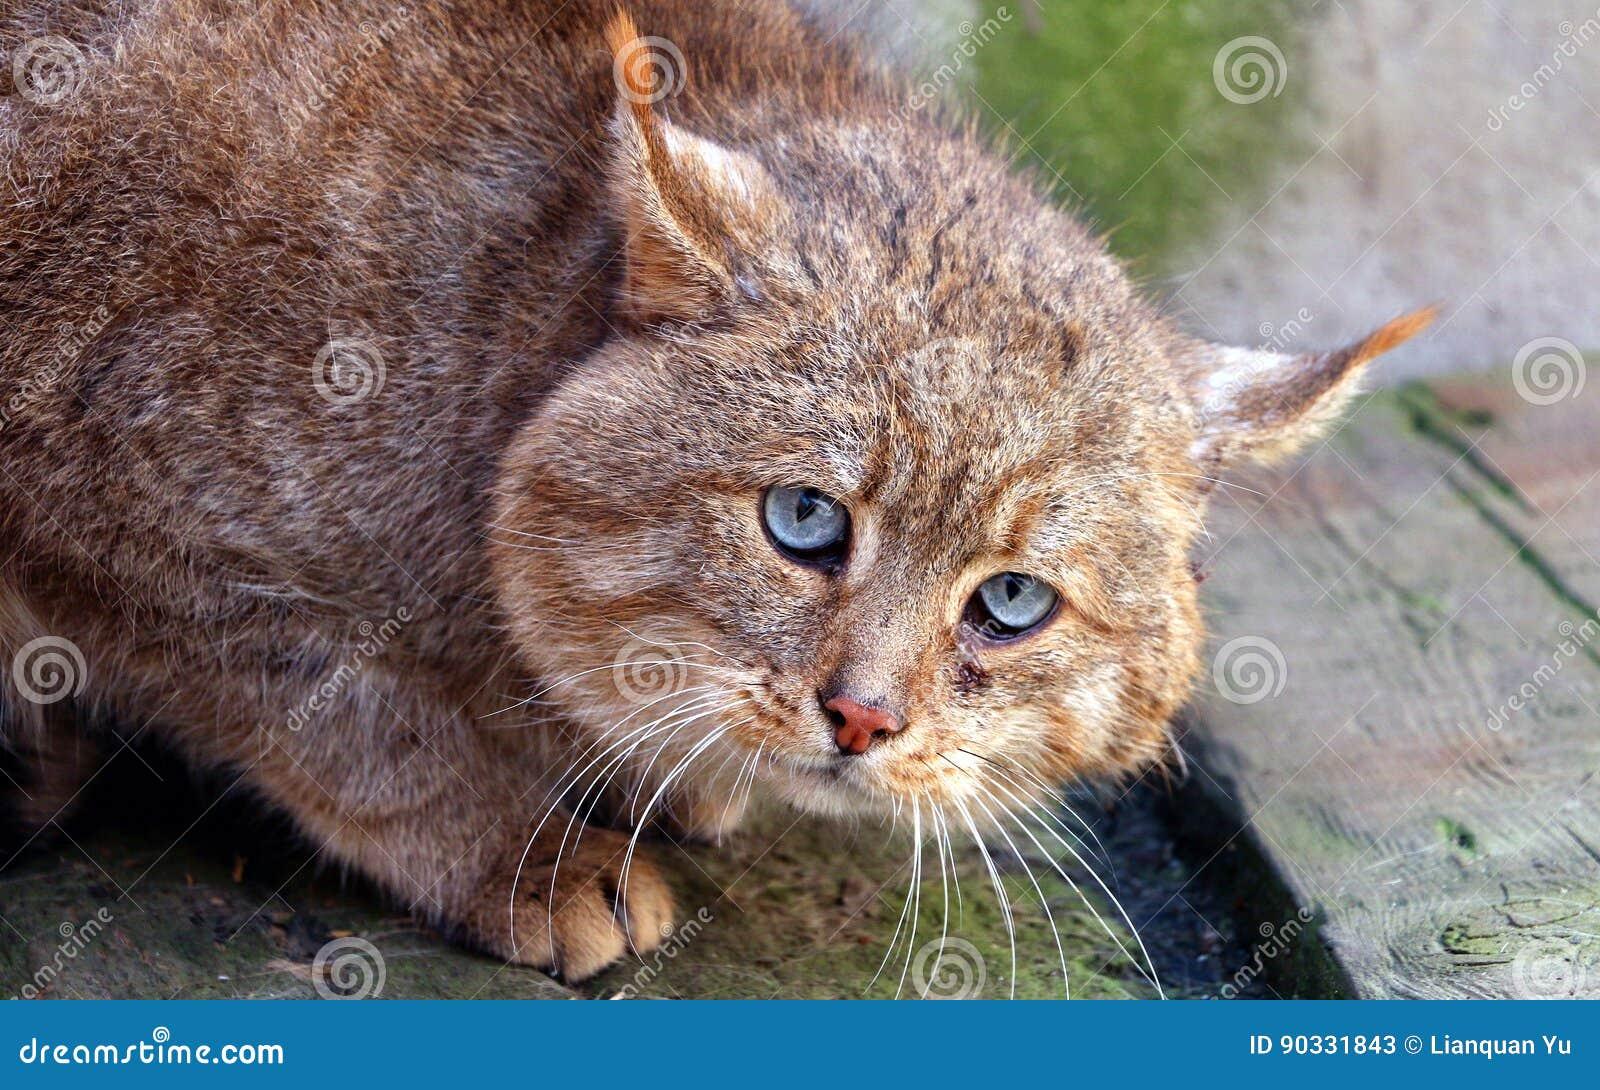 Chinese Desert Cat